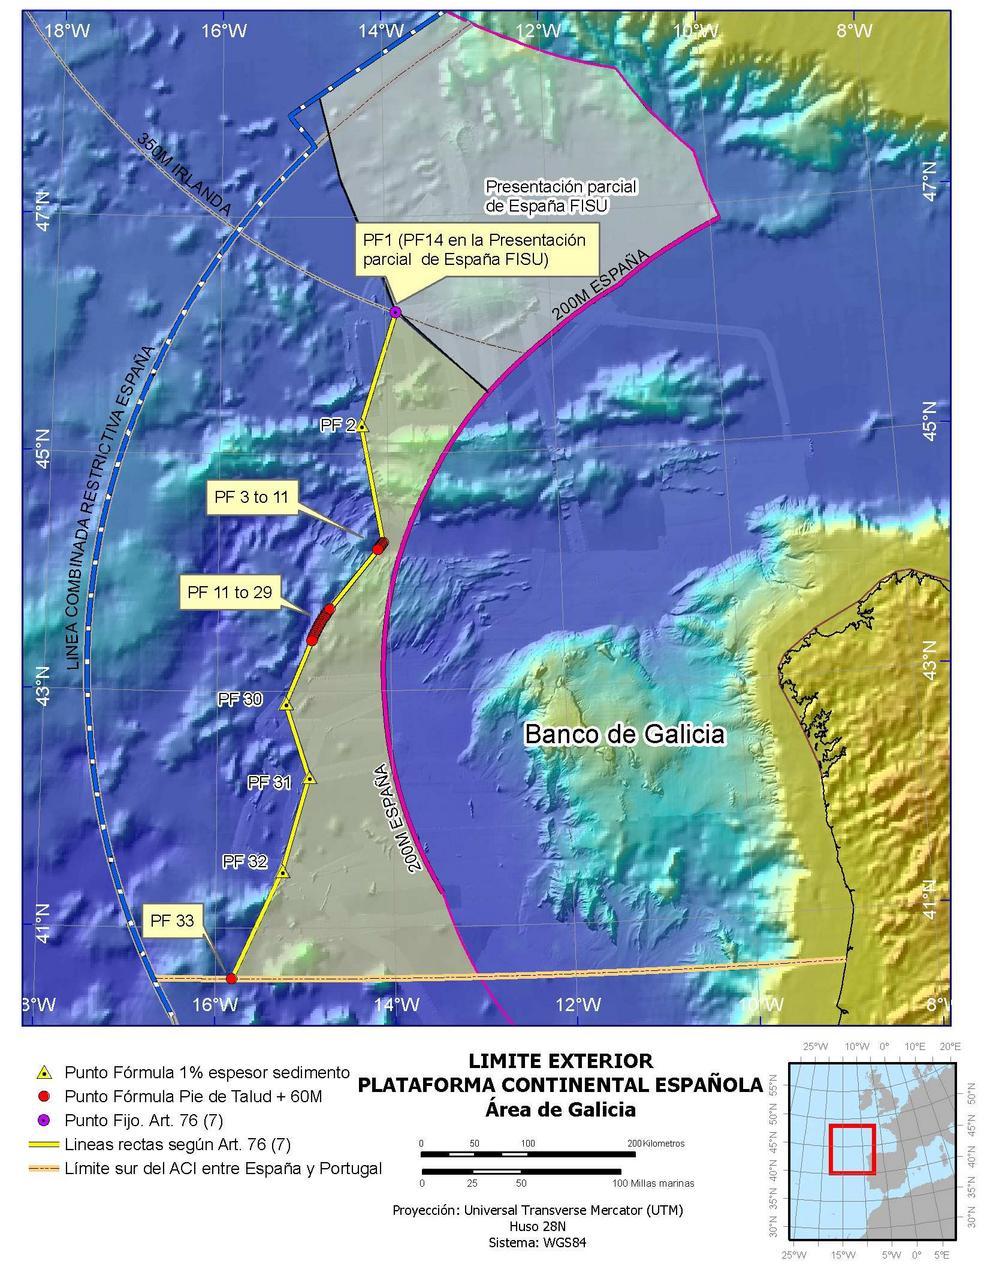 Límite exterior de la plataforma continental más allá de las 200 millas en el área de Galicia.